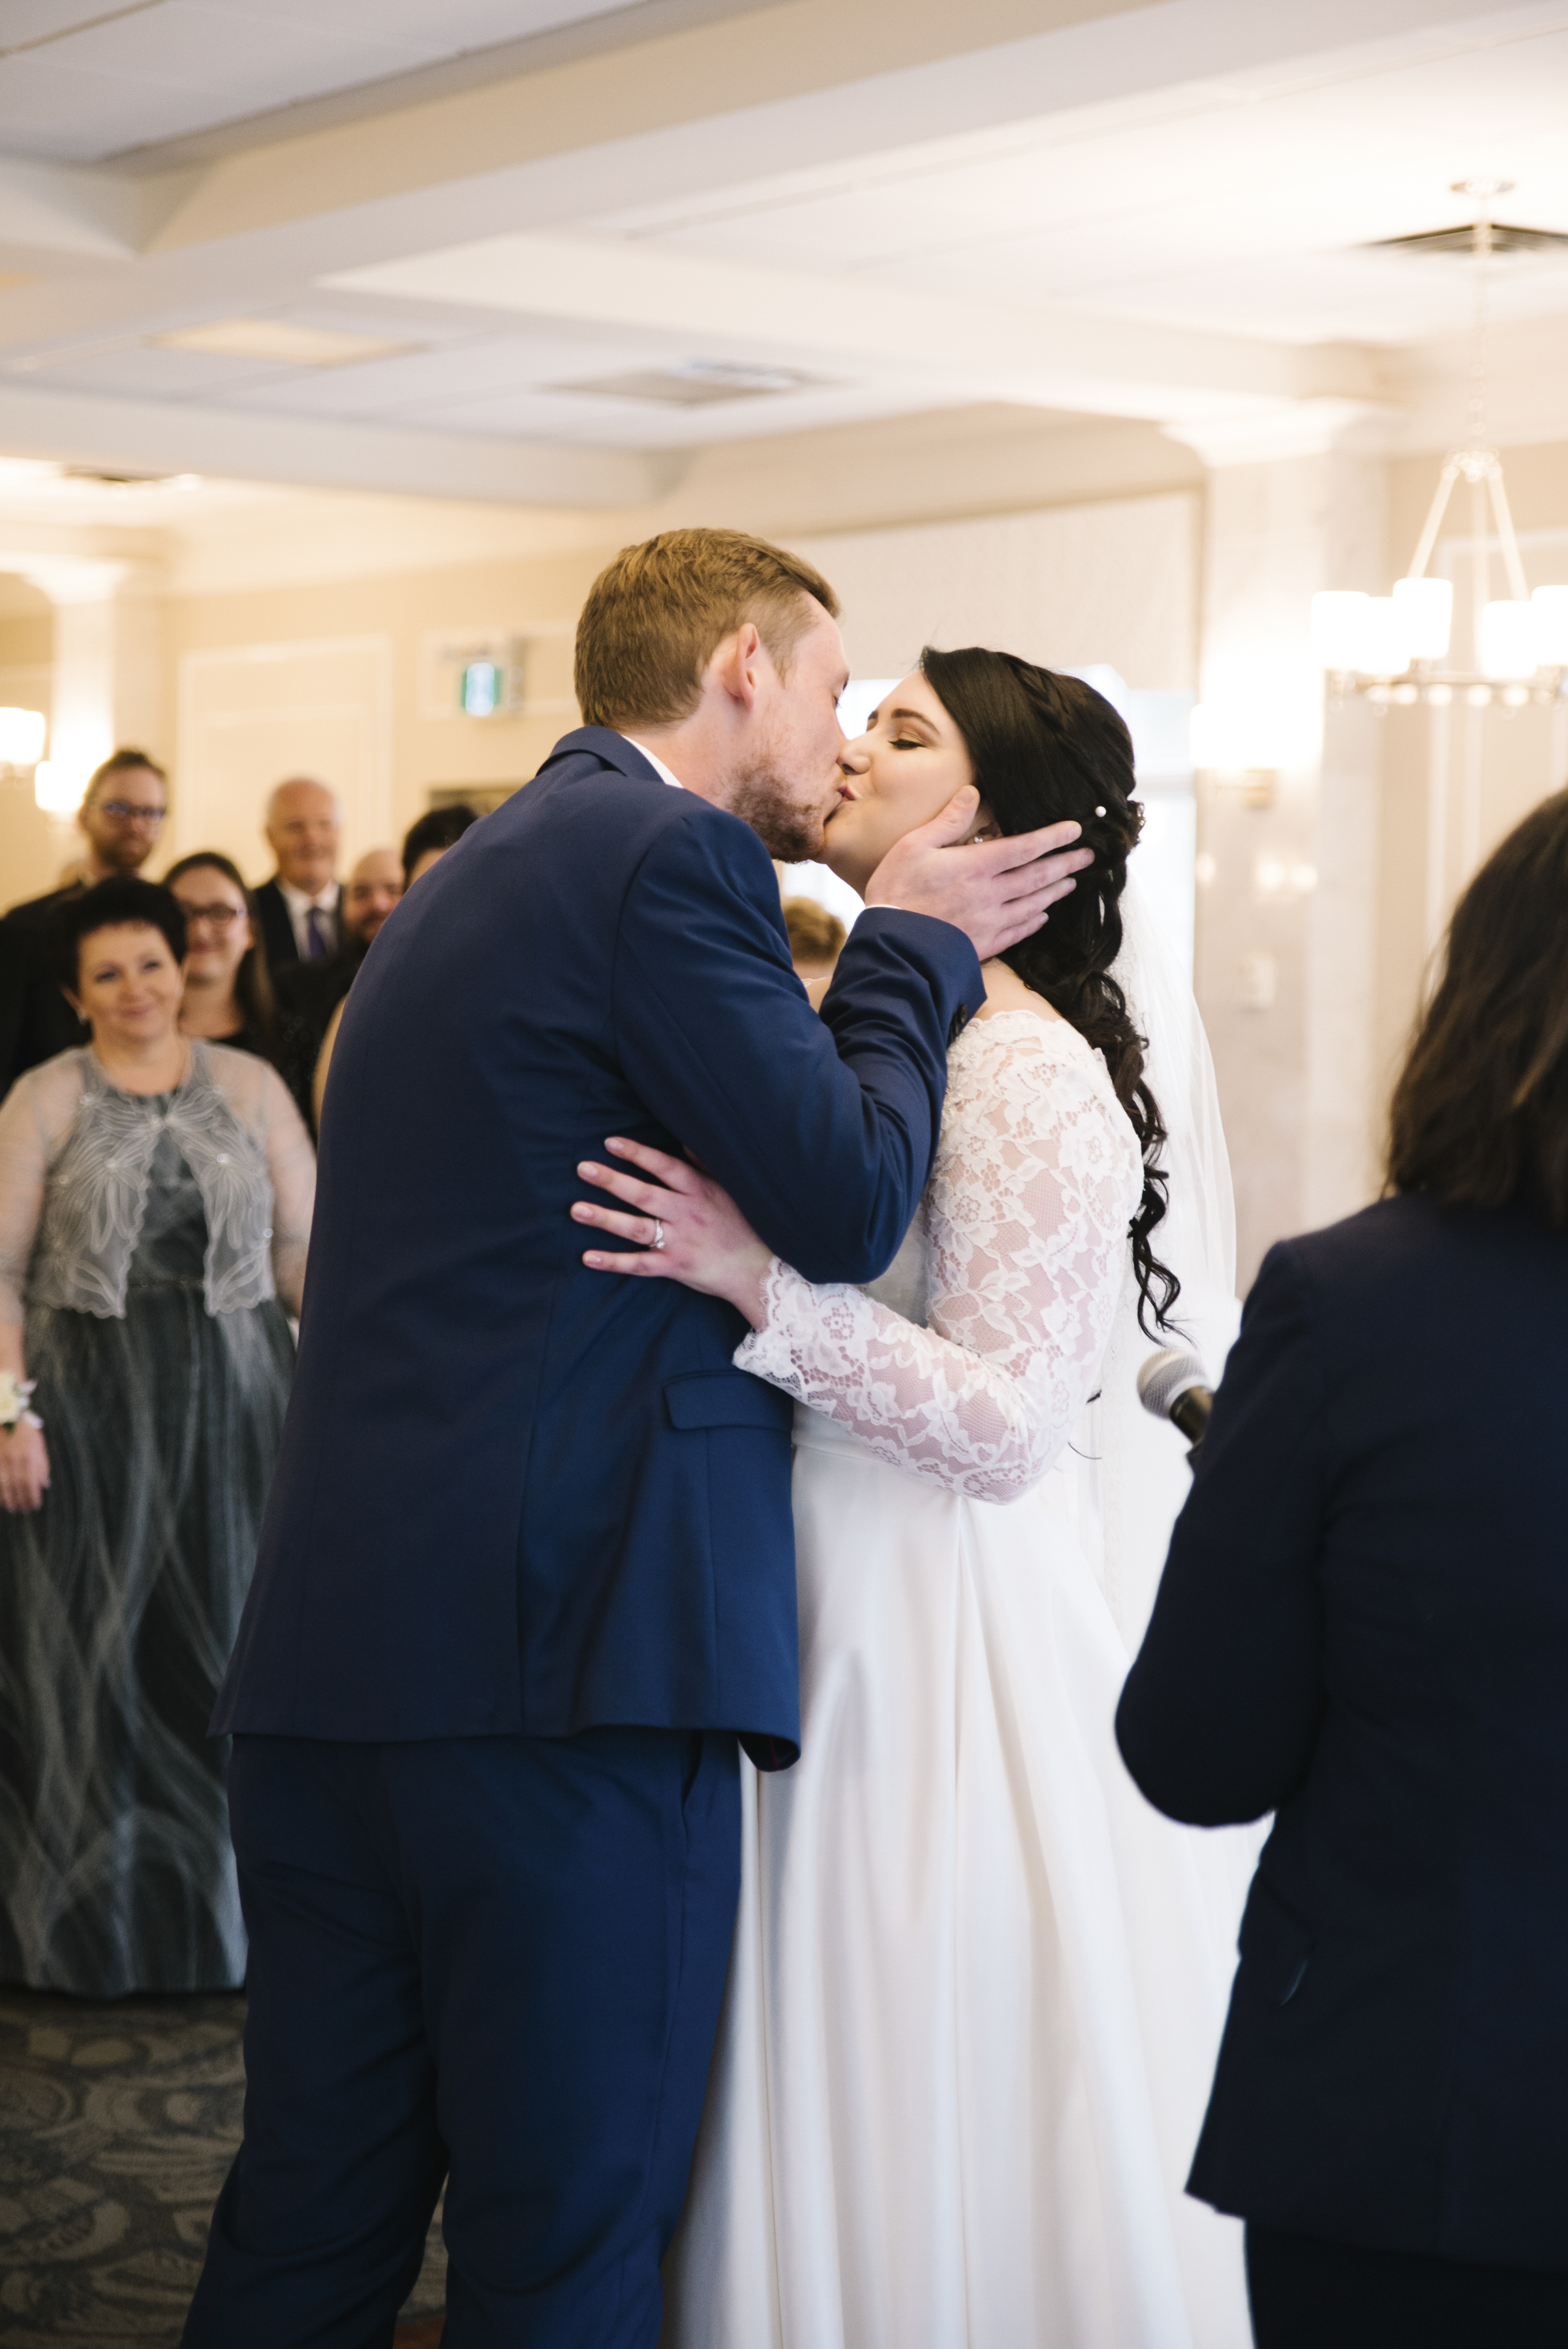 MariaMatt-Wedding-85.JPG